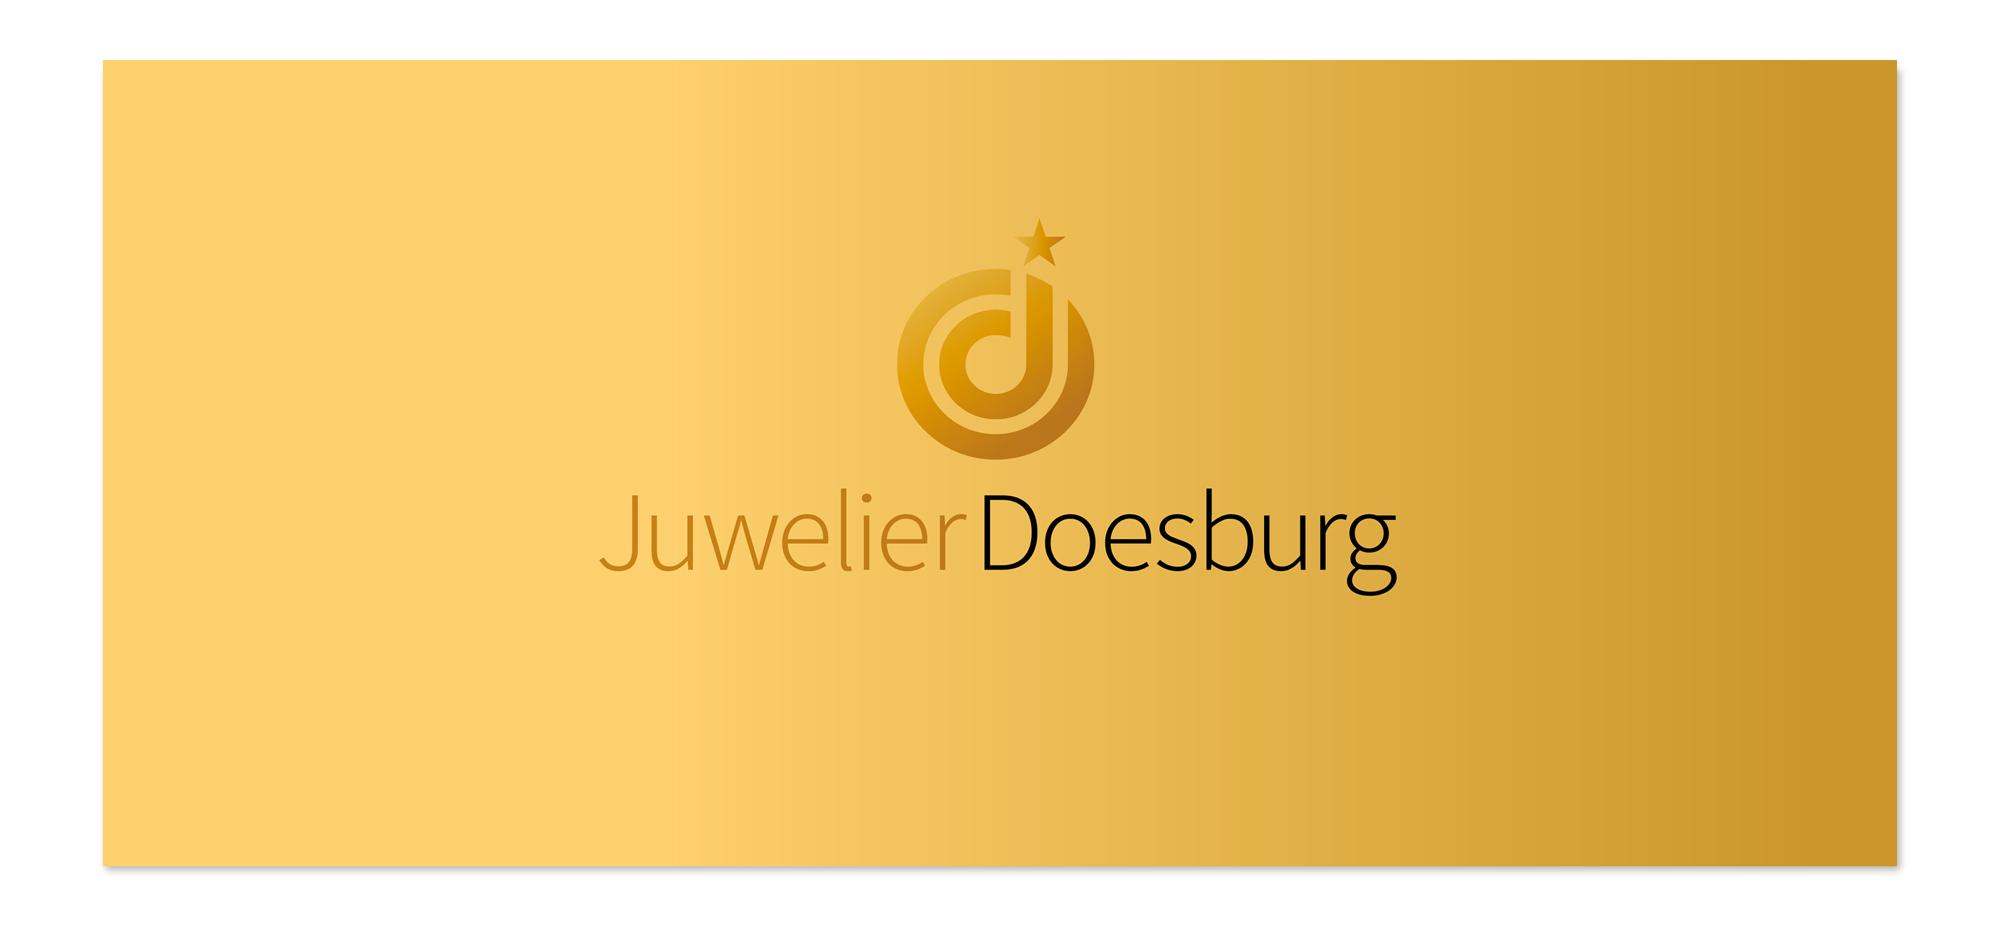 Juwelier_Doesburg_cadeaubon_achter